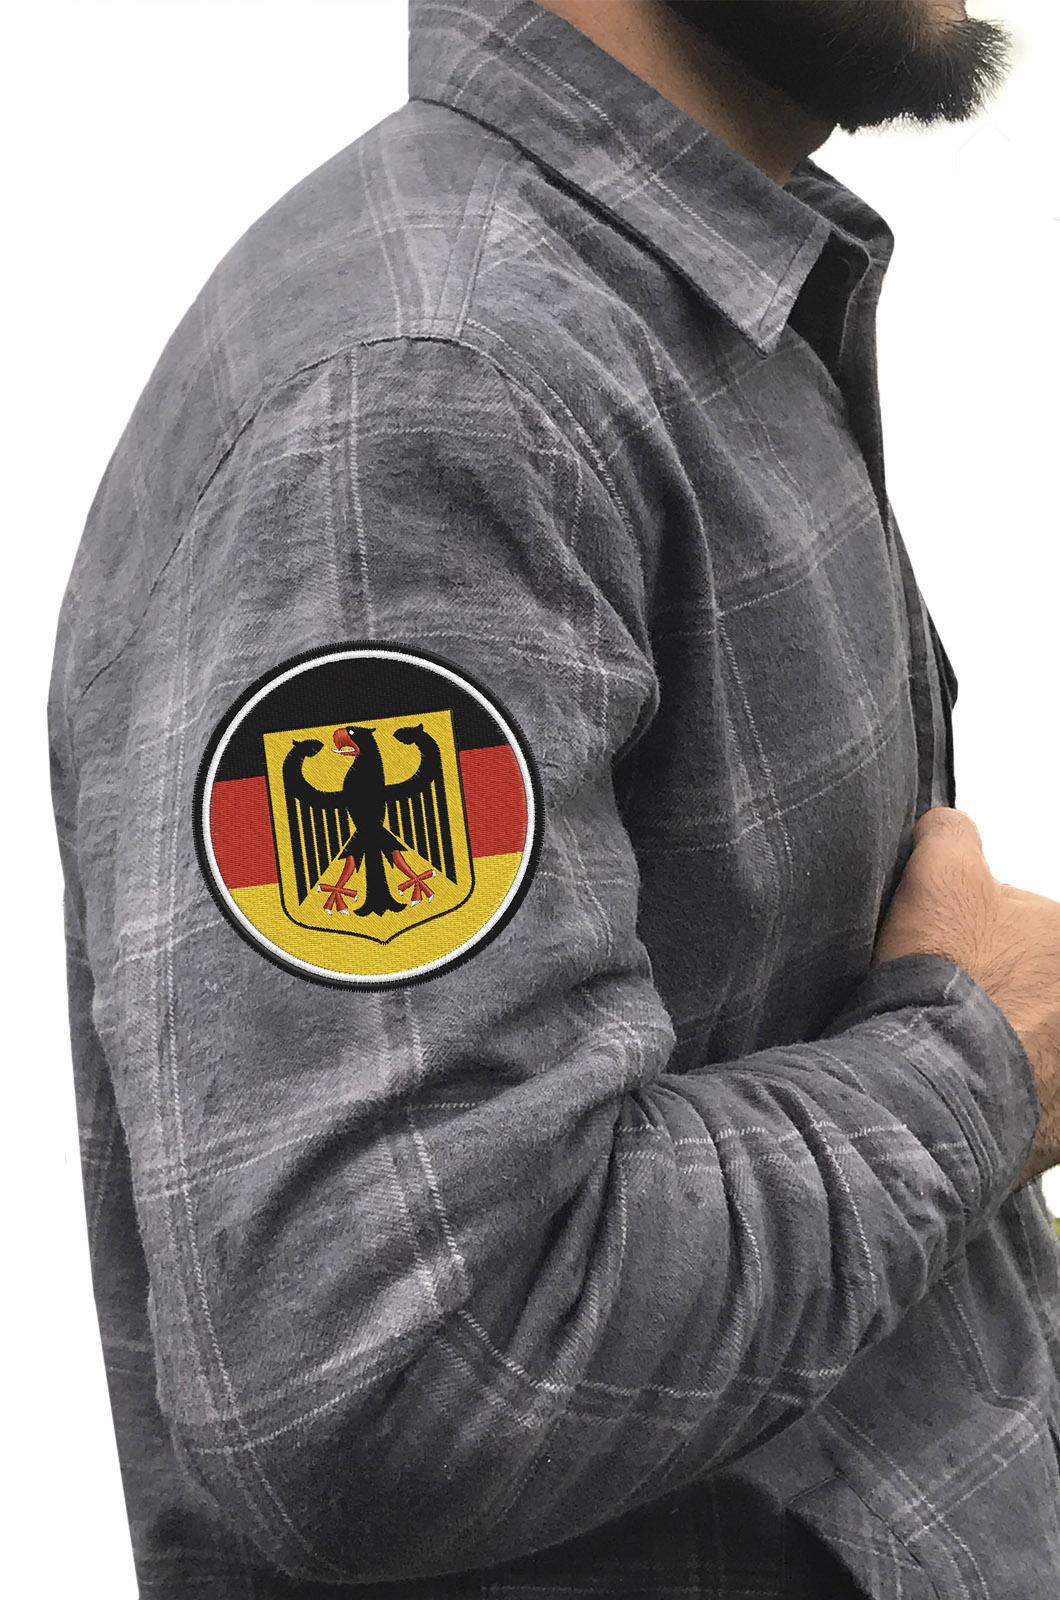 Практичная мужская рубашка с вышитым шевроном Германия - купить выгодно